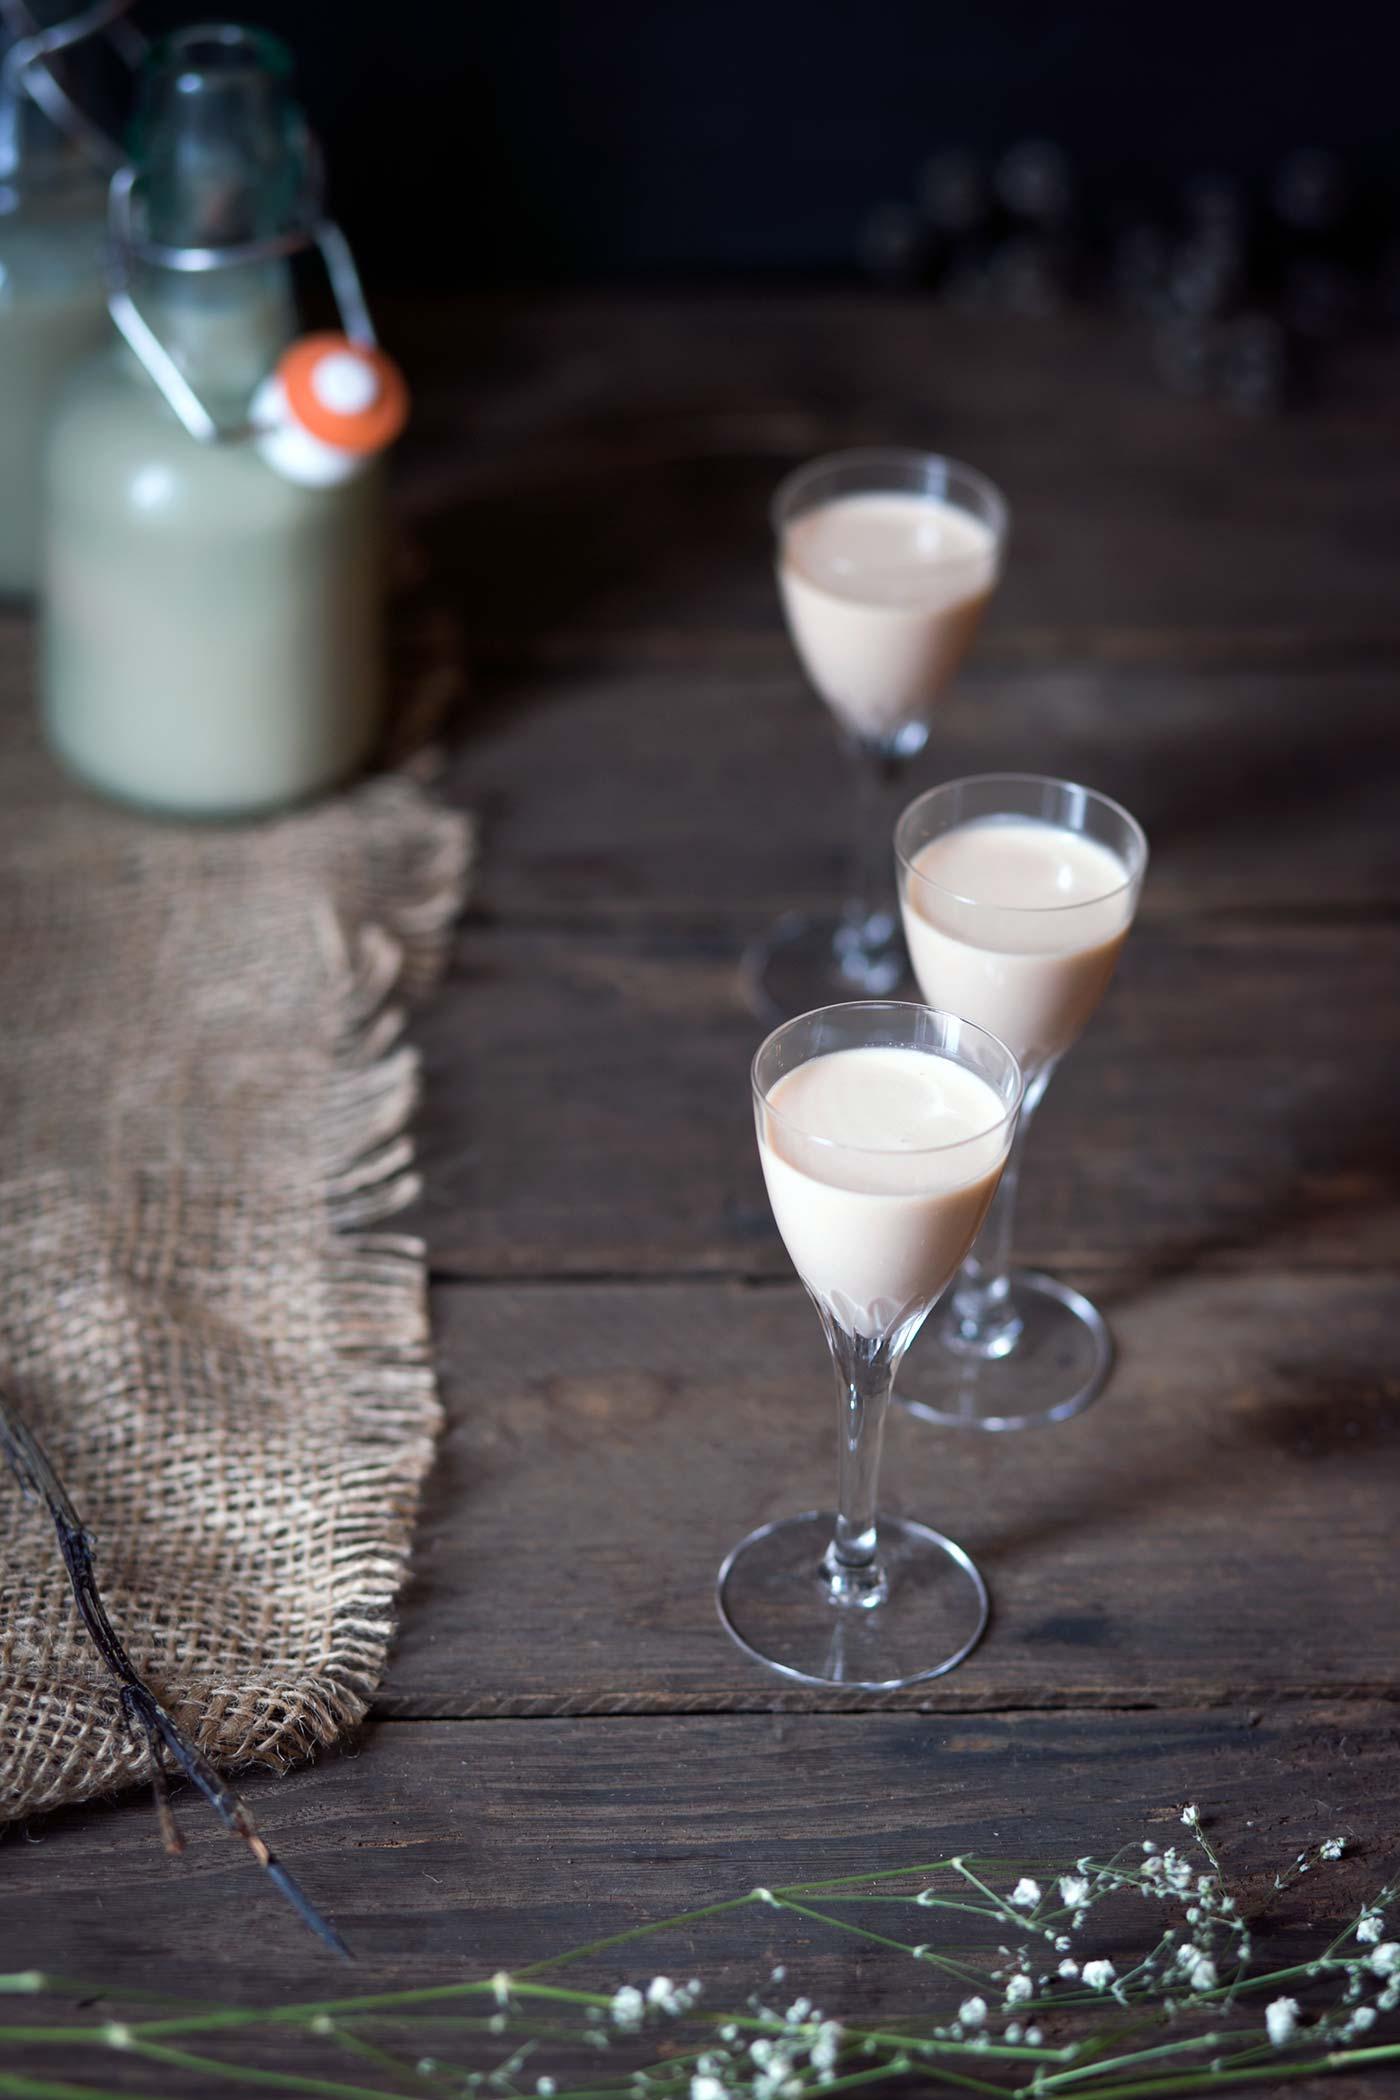 Irish Cream. Photo by Savery simple